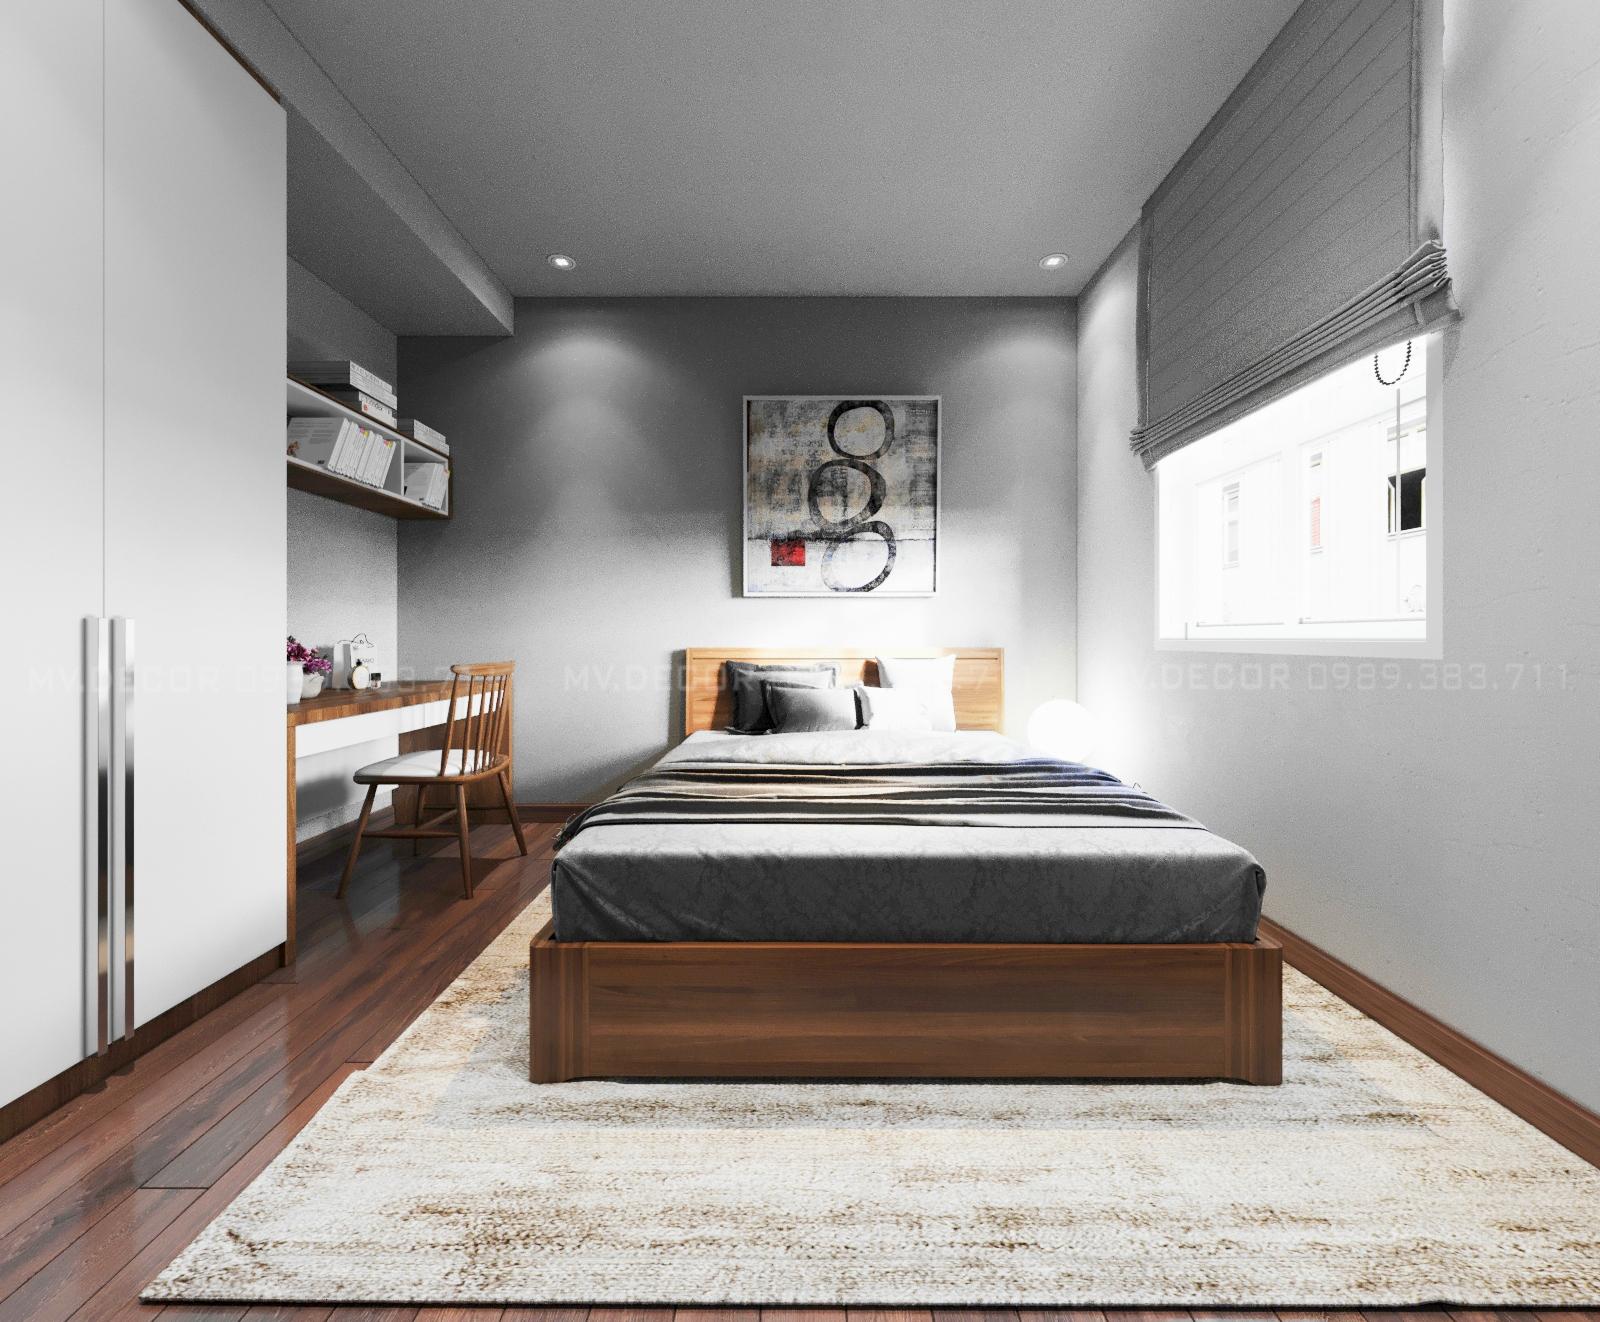 thiết kế nội thất Khách Sạn tại Hải Phòng căn hộ khách sạn cho thuê  7 1562943965